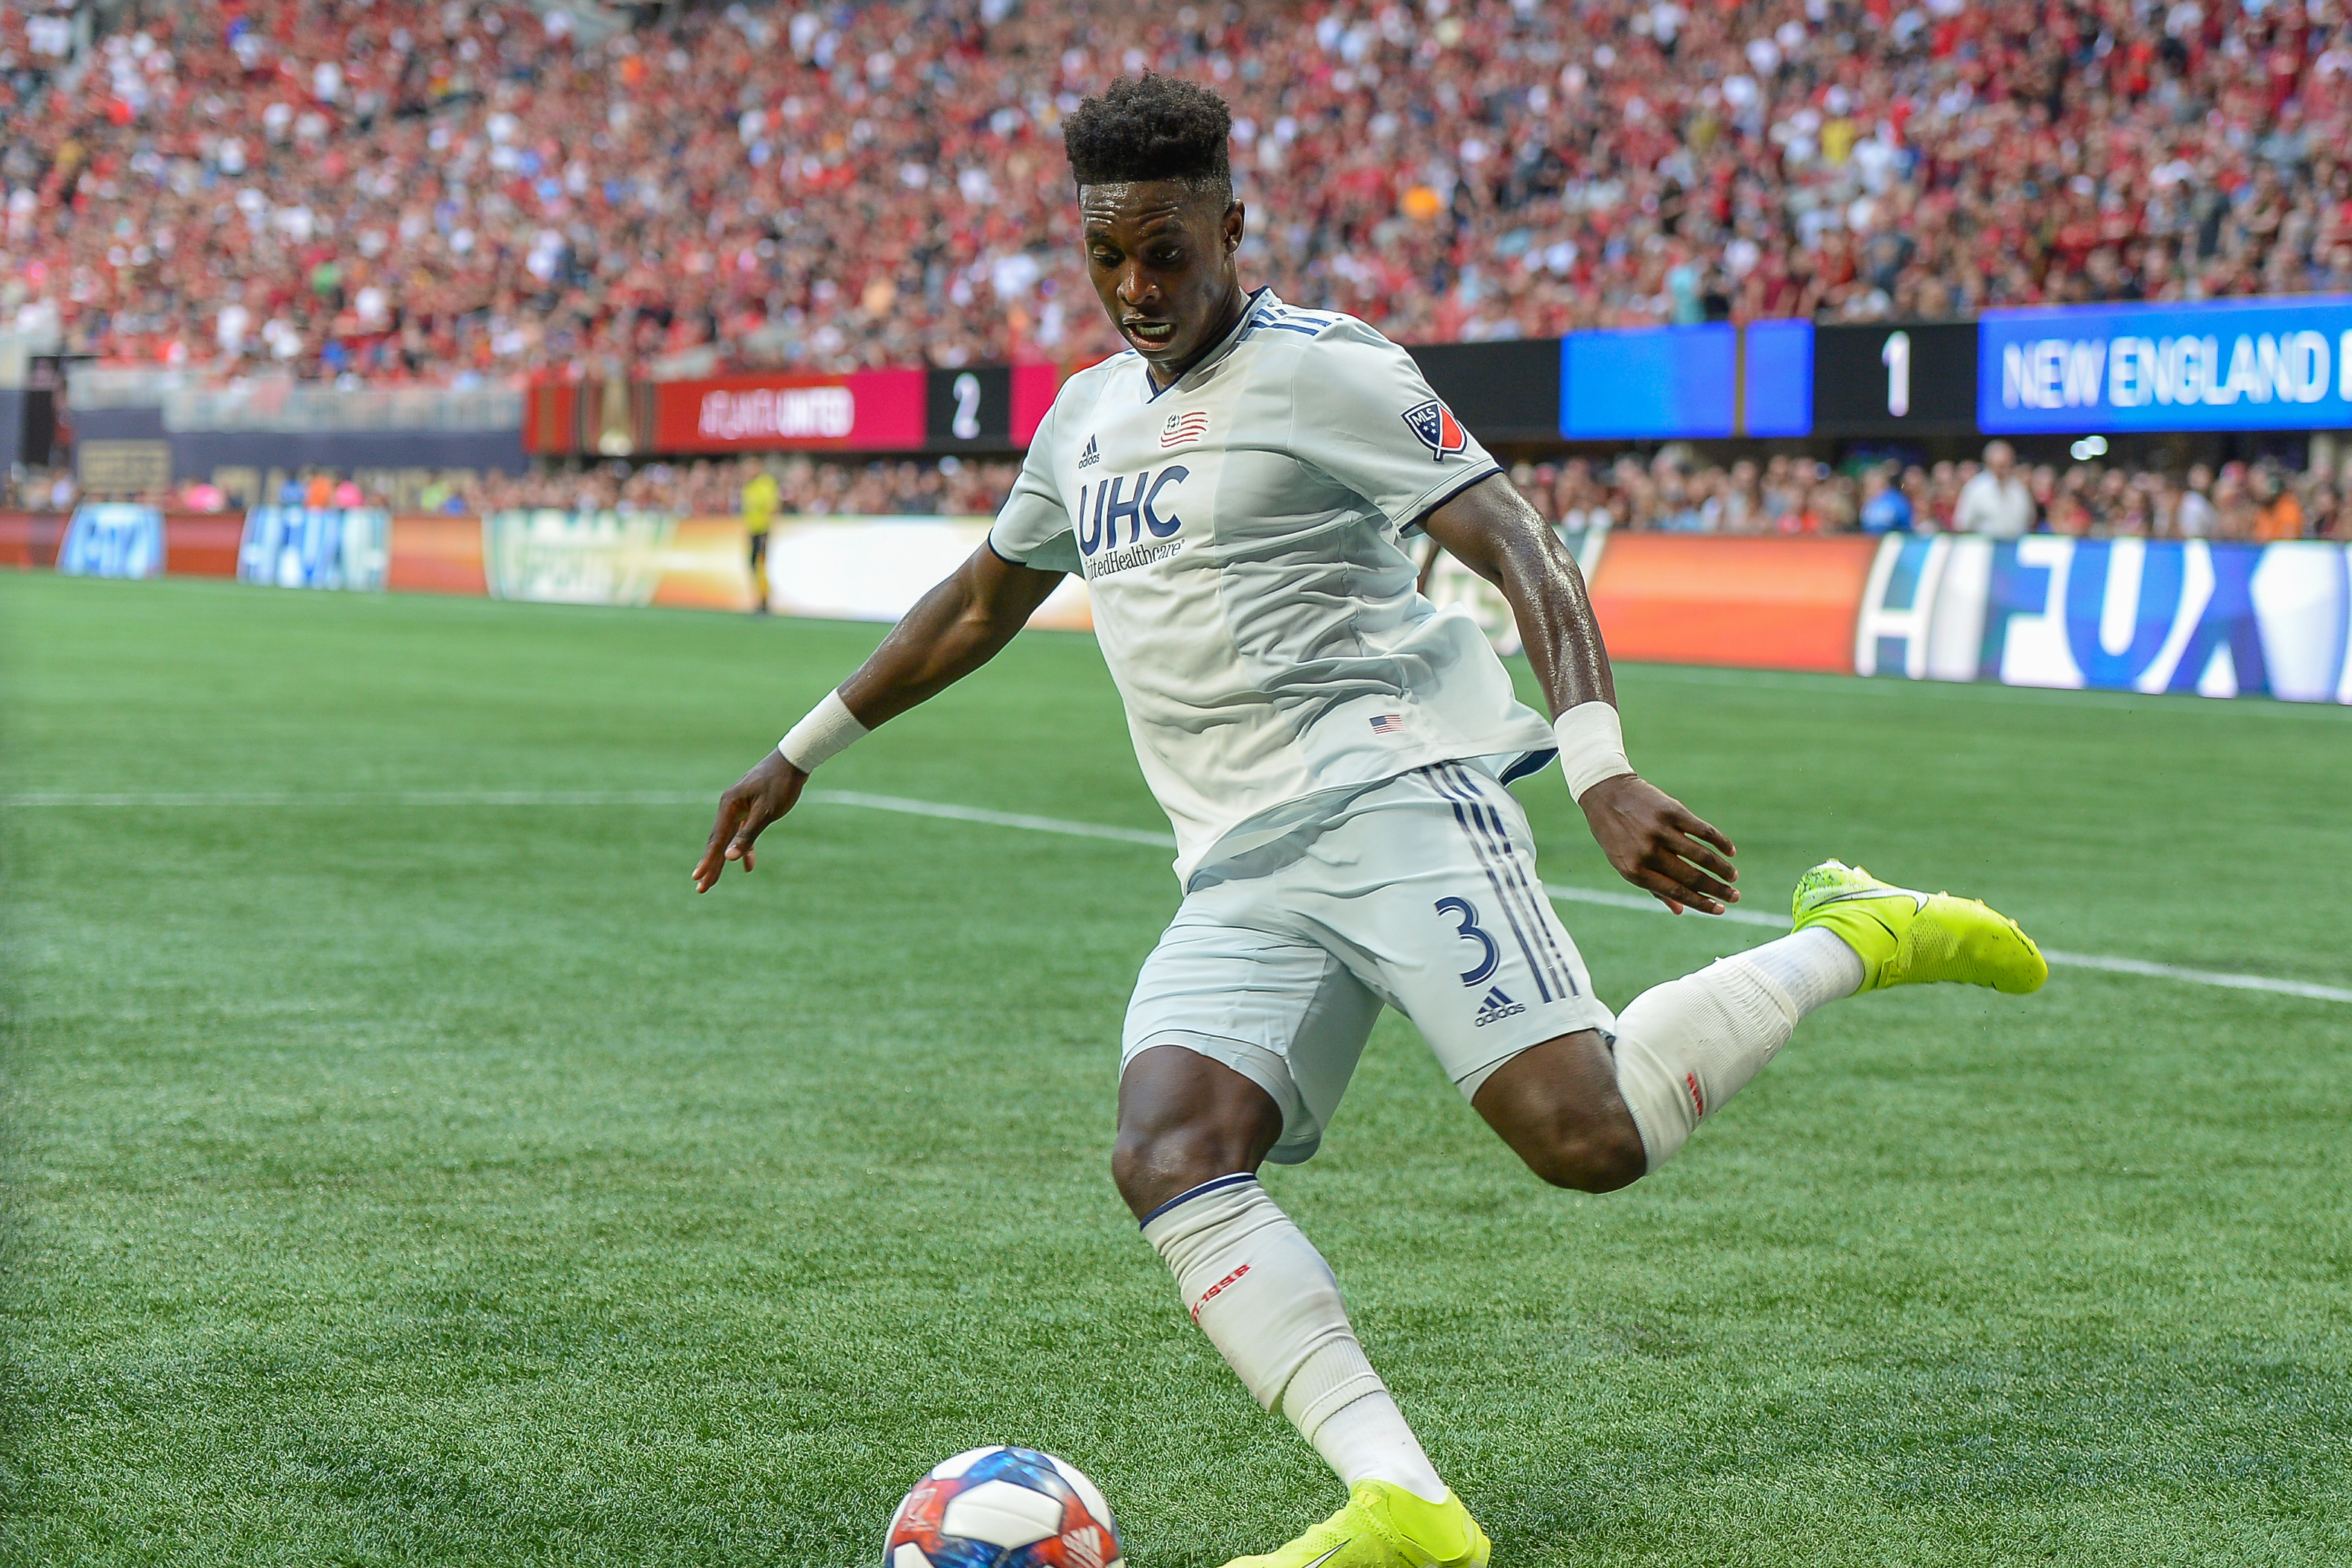 SOCCER: OCT 06 MLS - New England Revolution at Atlanta United FC